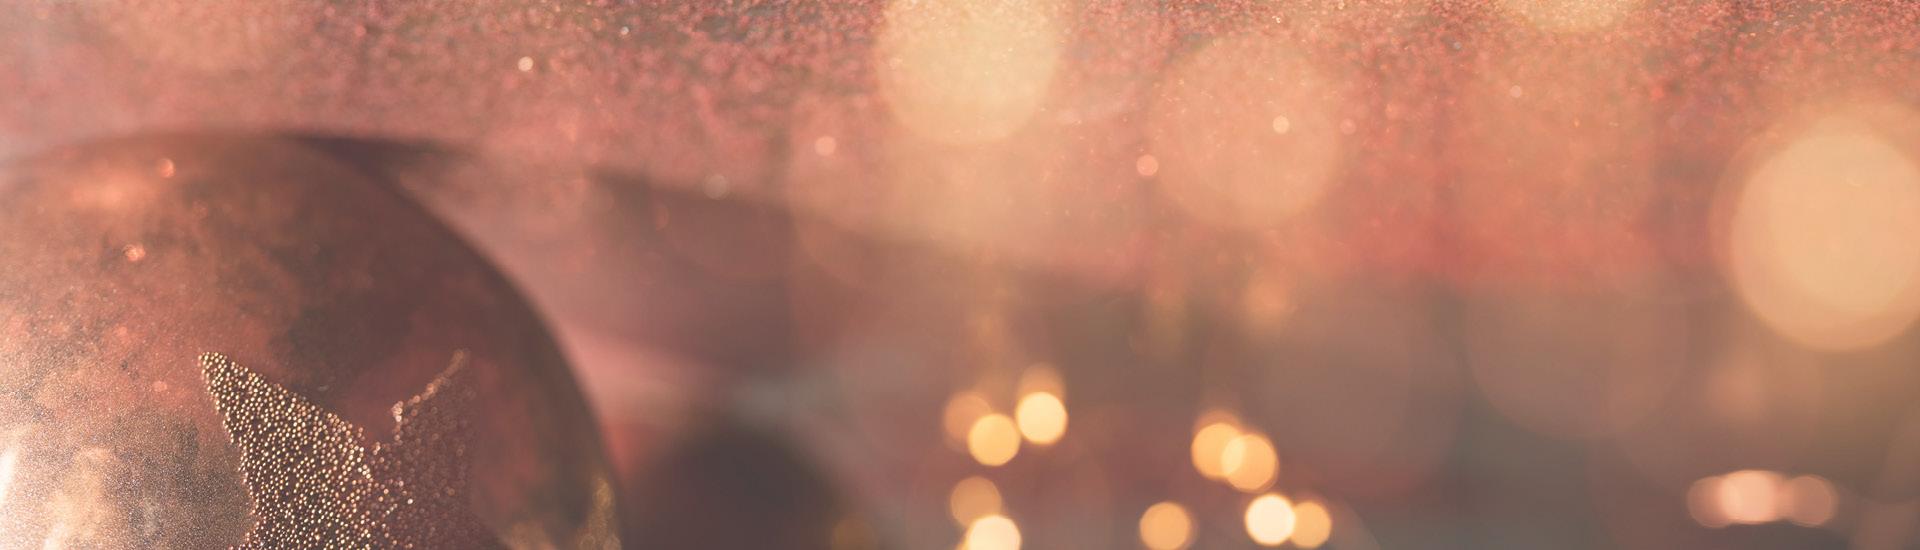 Spirituosen - Exklusive Spirituosen in der Geschenkverpackung! 12/2018 - Slider